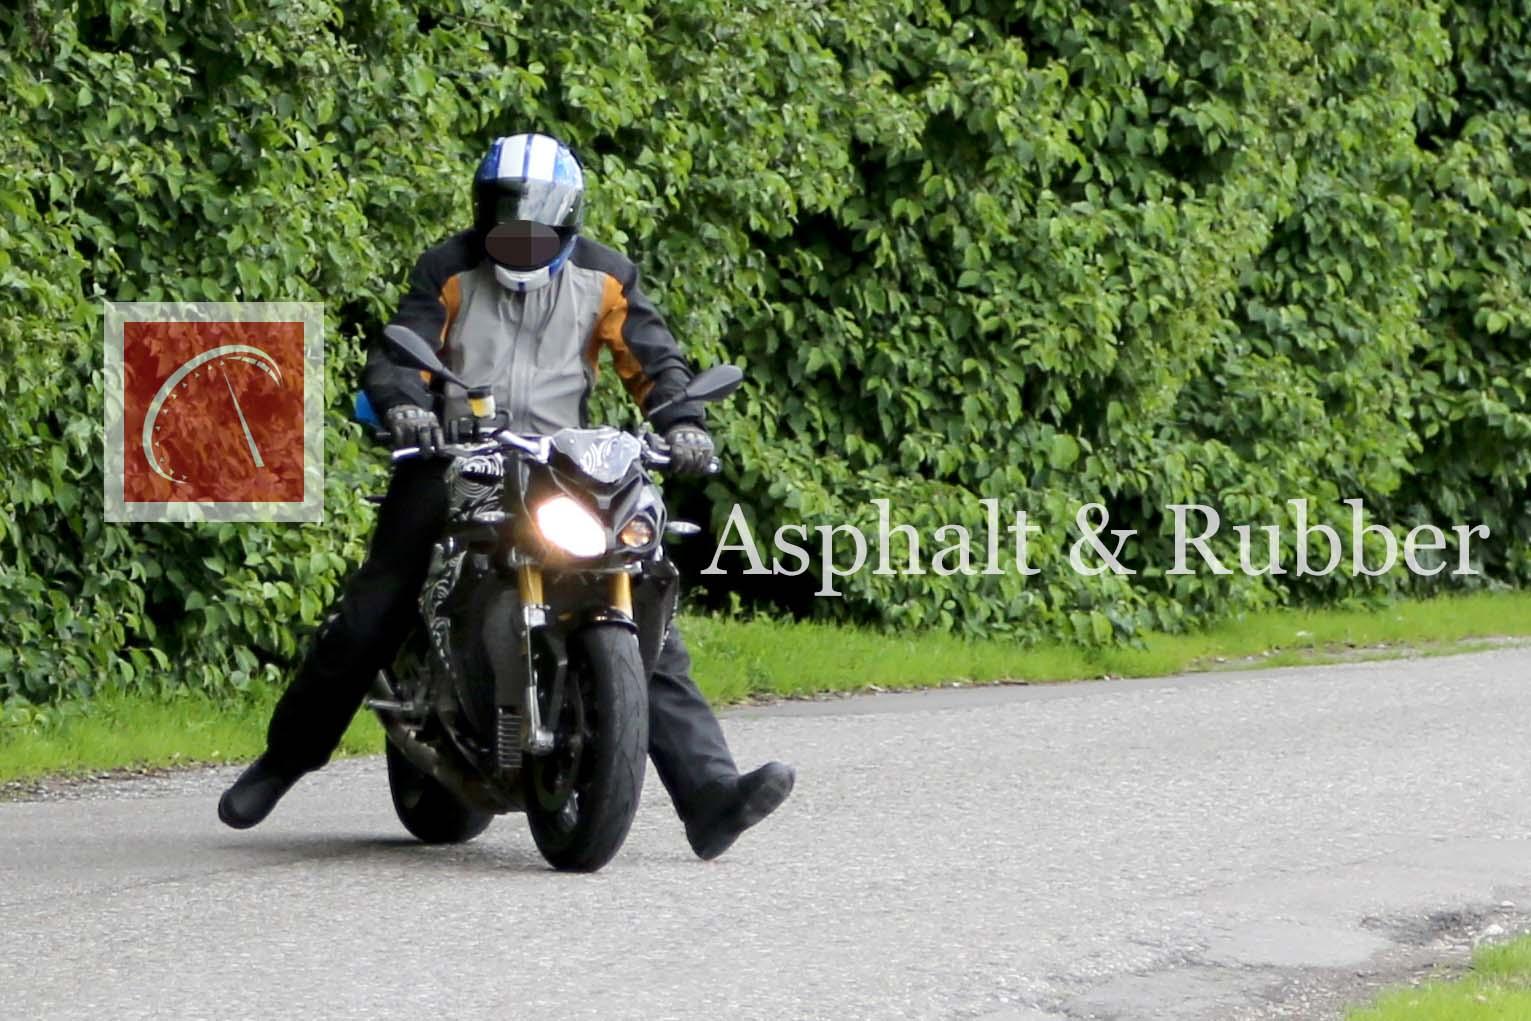 Spy Photos The Bmw S1000Rr Naked Bike Winks At Us - Asphalt  Rubber-4131